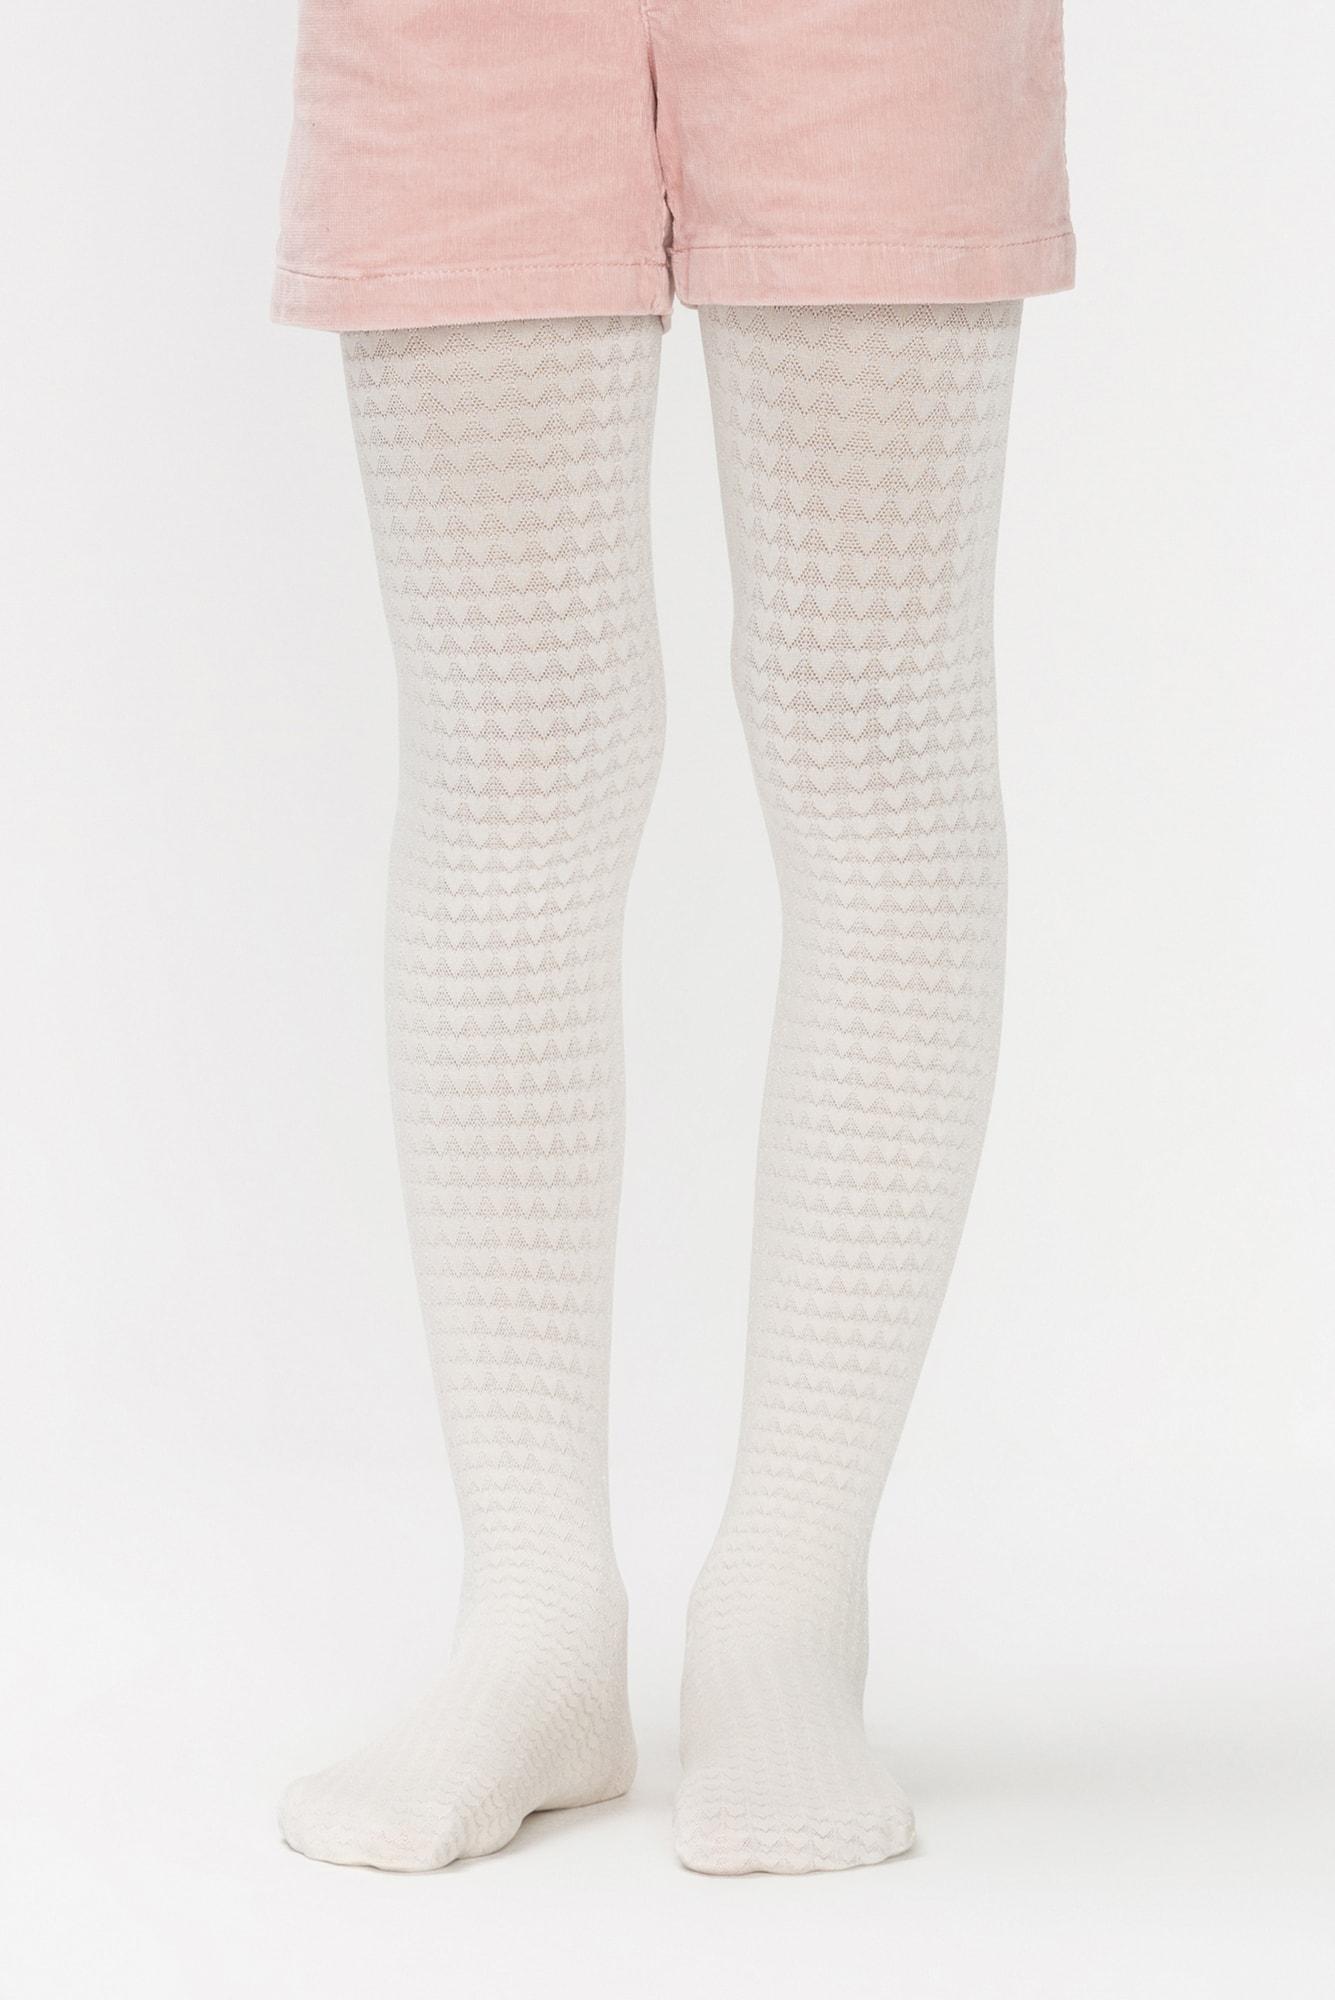 پنتی | Penti - جوراب شلواری دخترانه طرح Amore رنگ وانیلی